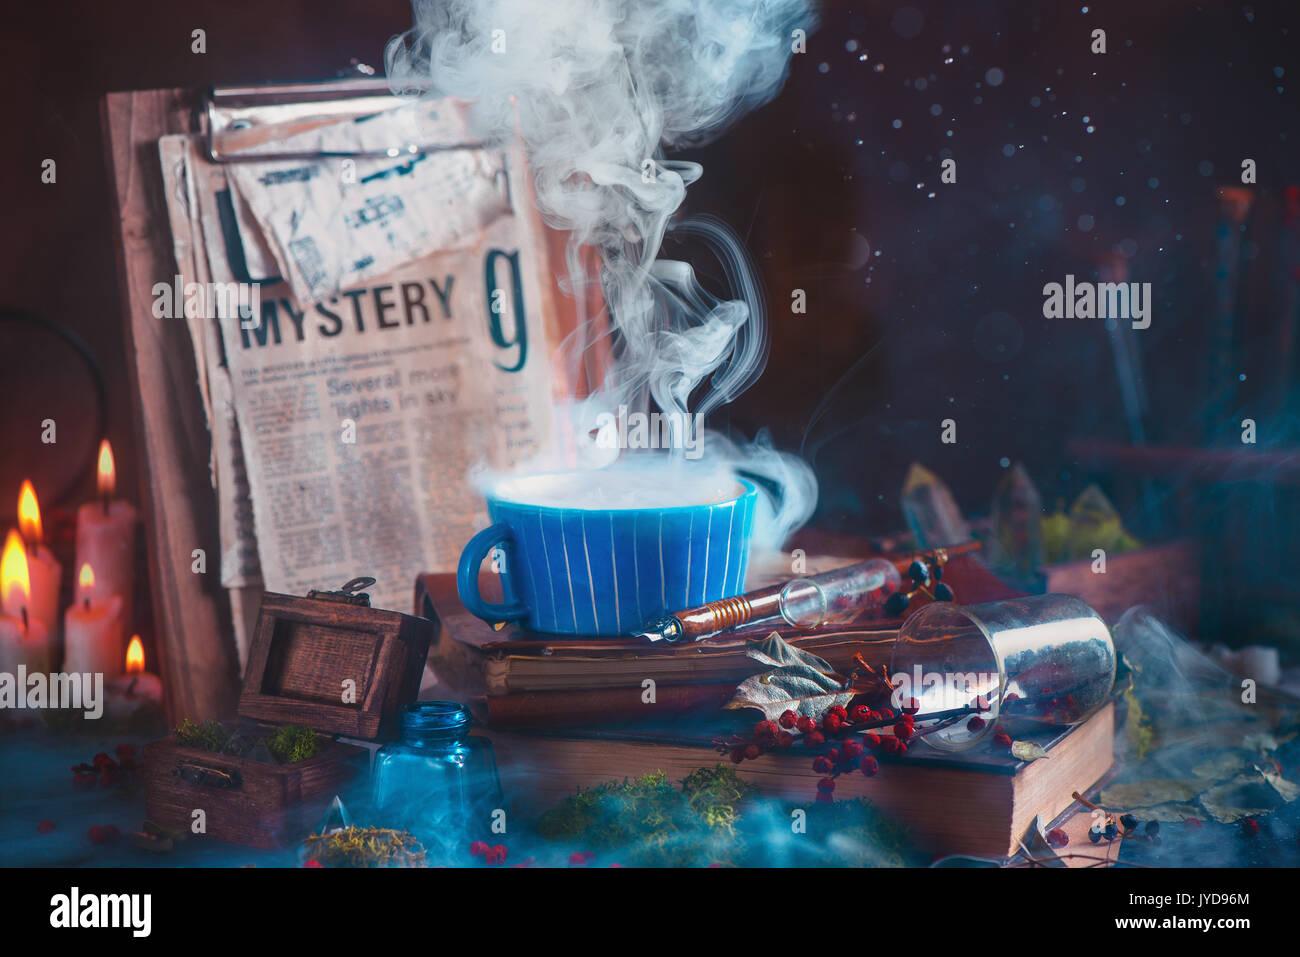 Aufsteigenden Dampf in einem keramischen Tasse Tee auf einem hölzernen Hintergrund mit Kerzen, Geheimnis, Zeitungsausschnitte, Bücher, Laub und Moos. Dunkle magische noch leben. Burni Stockbild